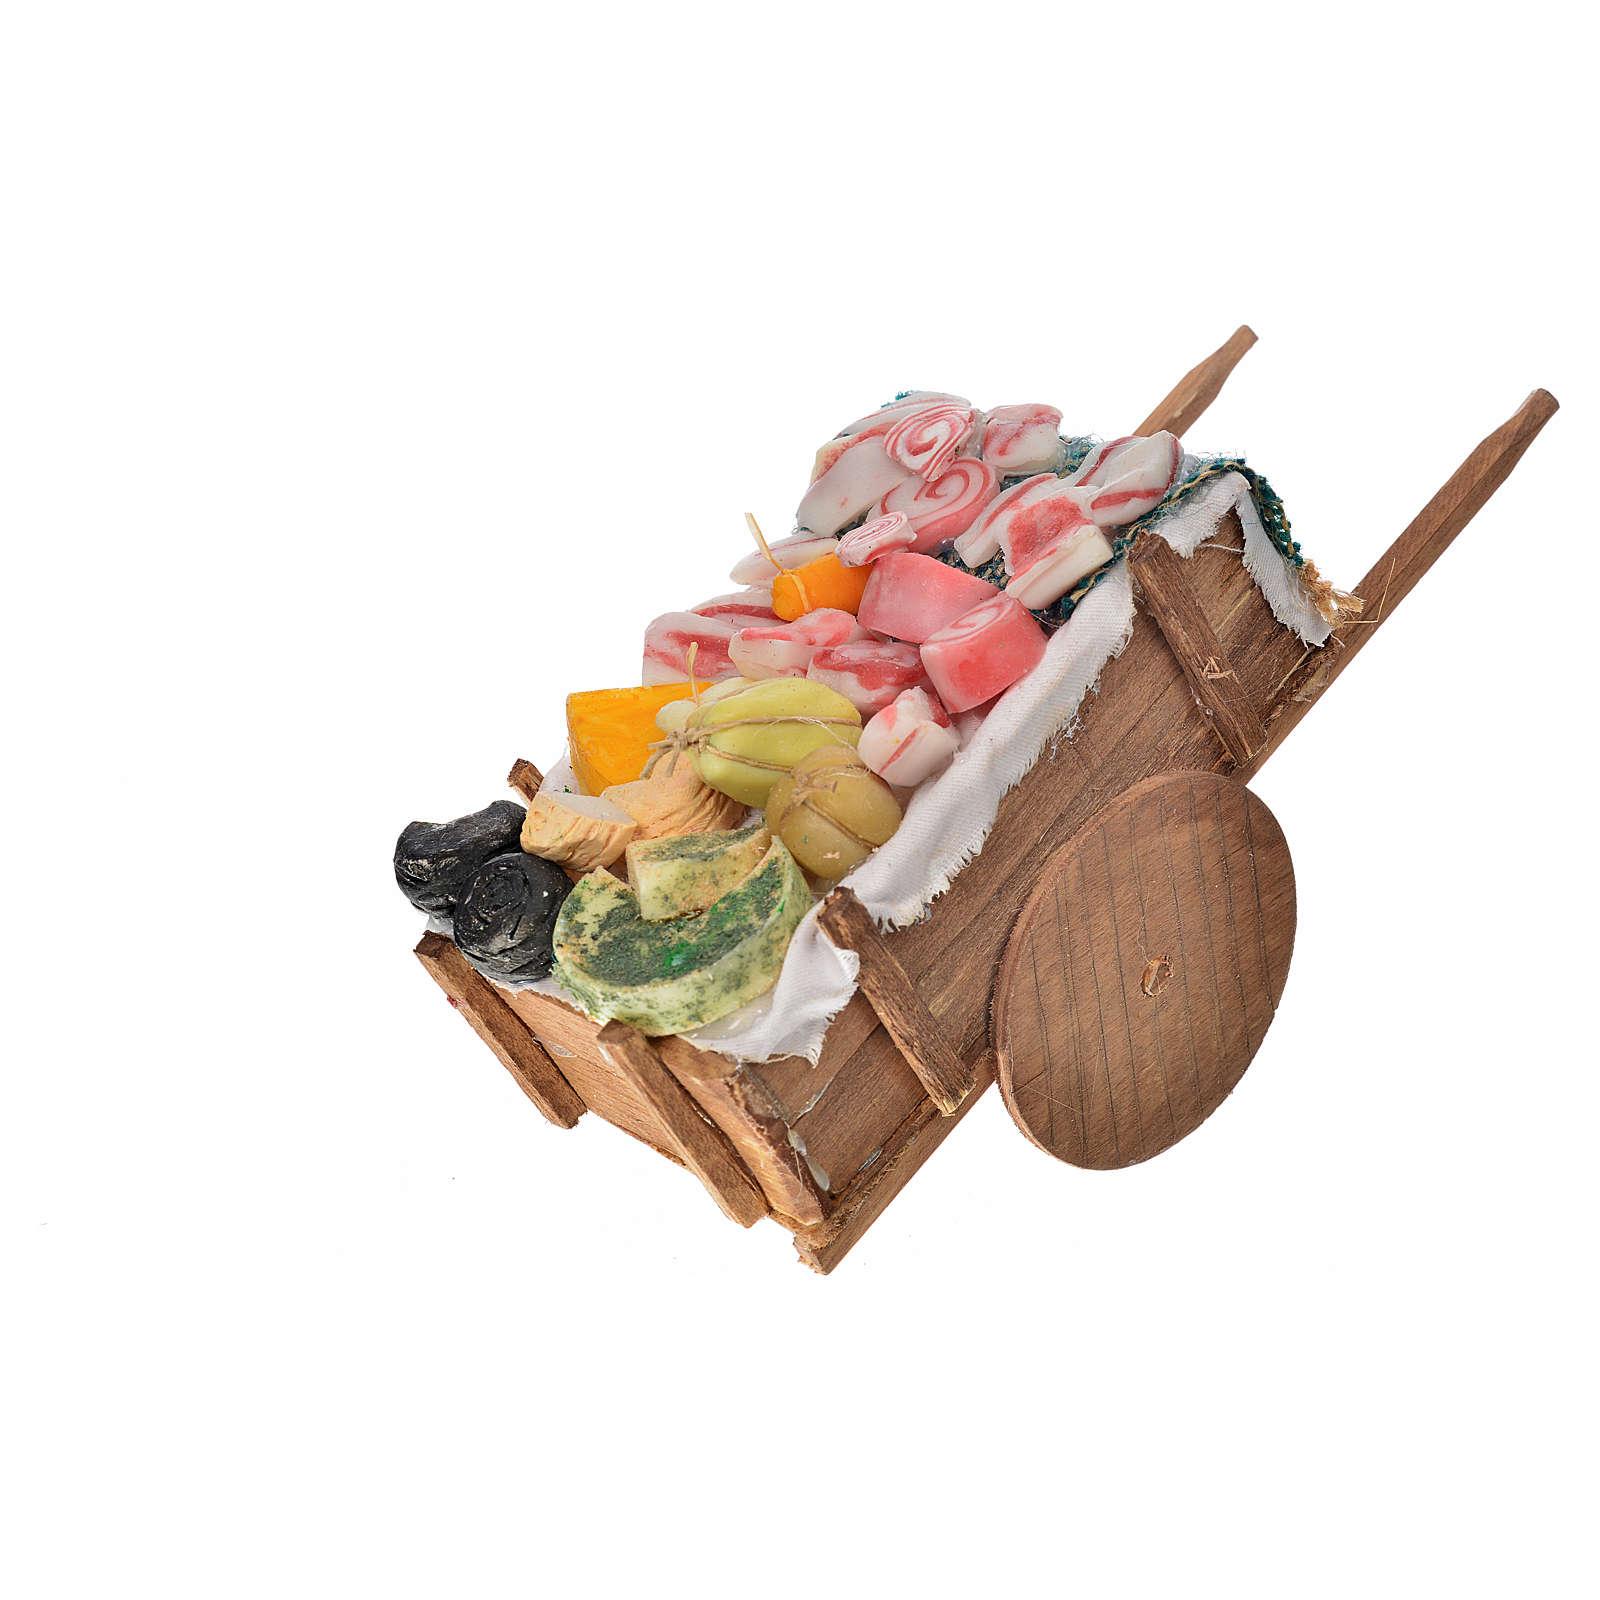 Carro napoletano salumi e formaggi in cera 10x18,5x7 cm 4